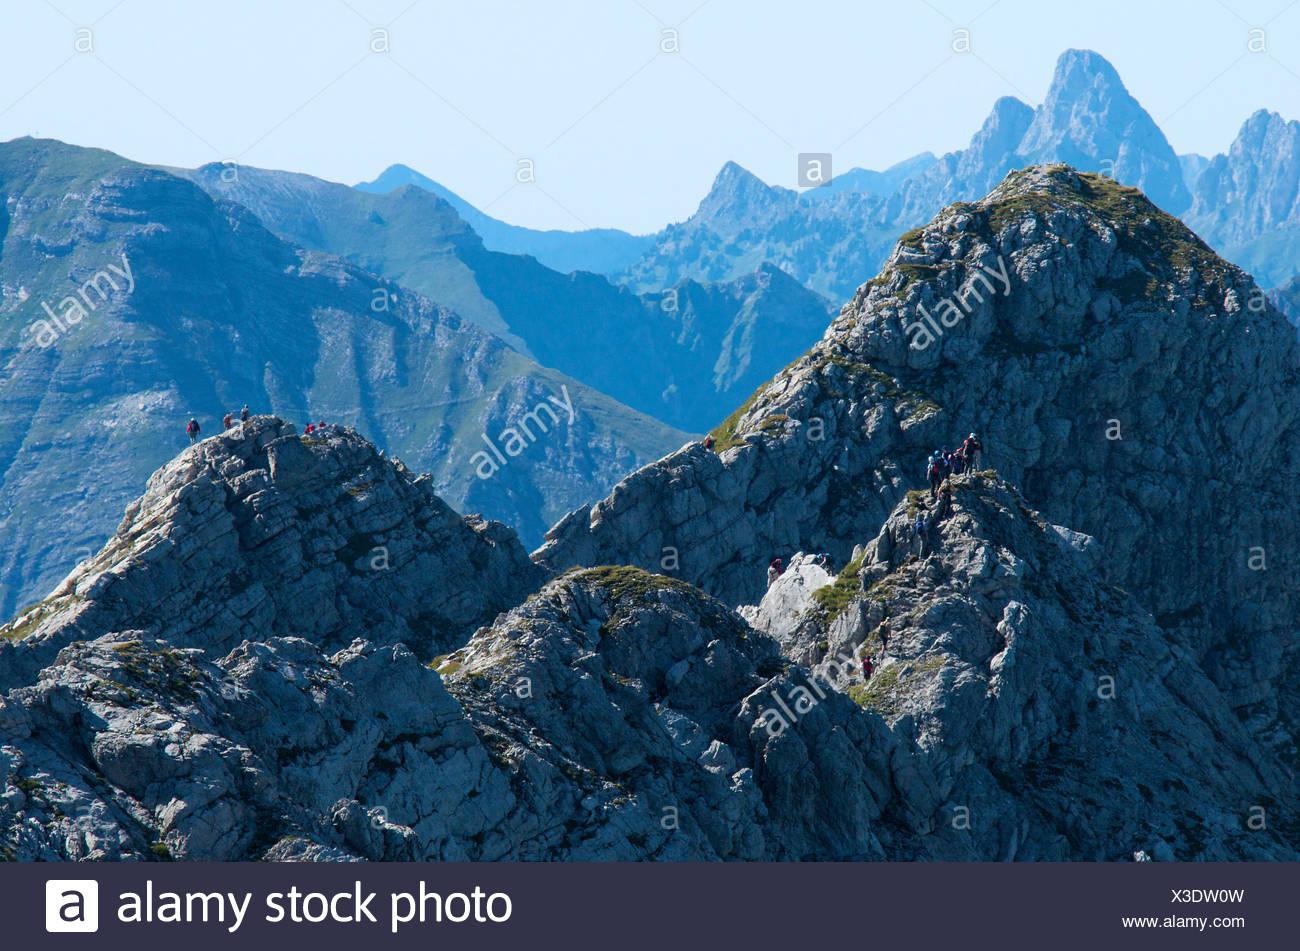 Hindelanger Klettersteig Wengenkopf : Wengenkopf berg auf hindelanger bergstrecke mit festen kabeln und